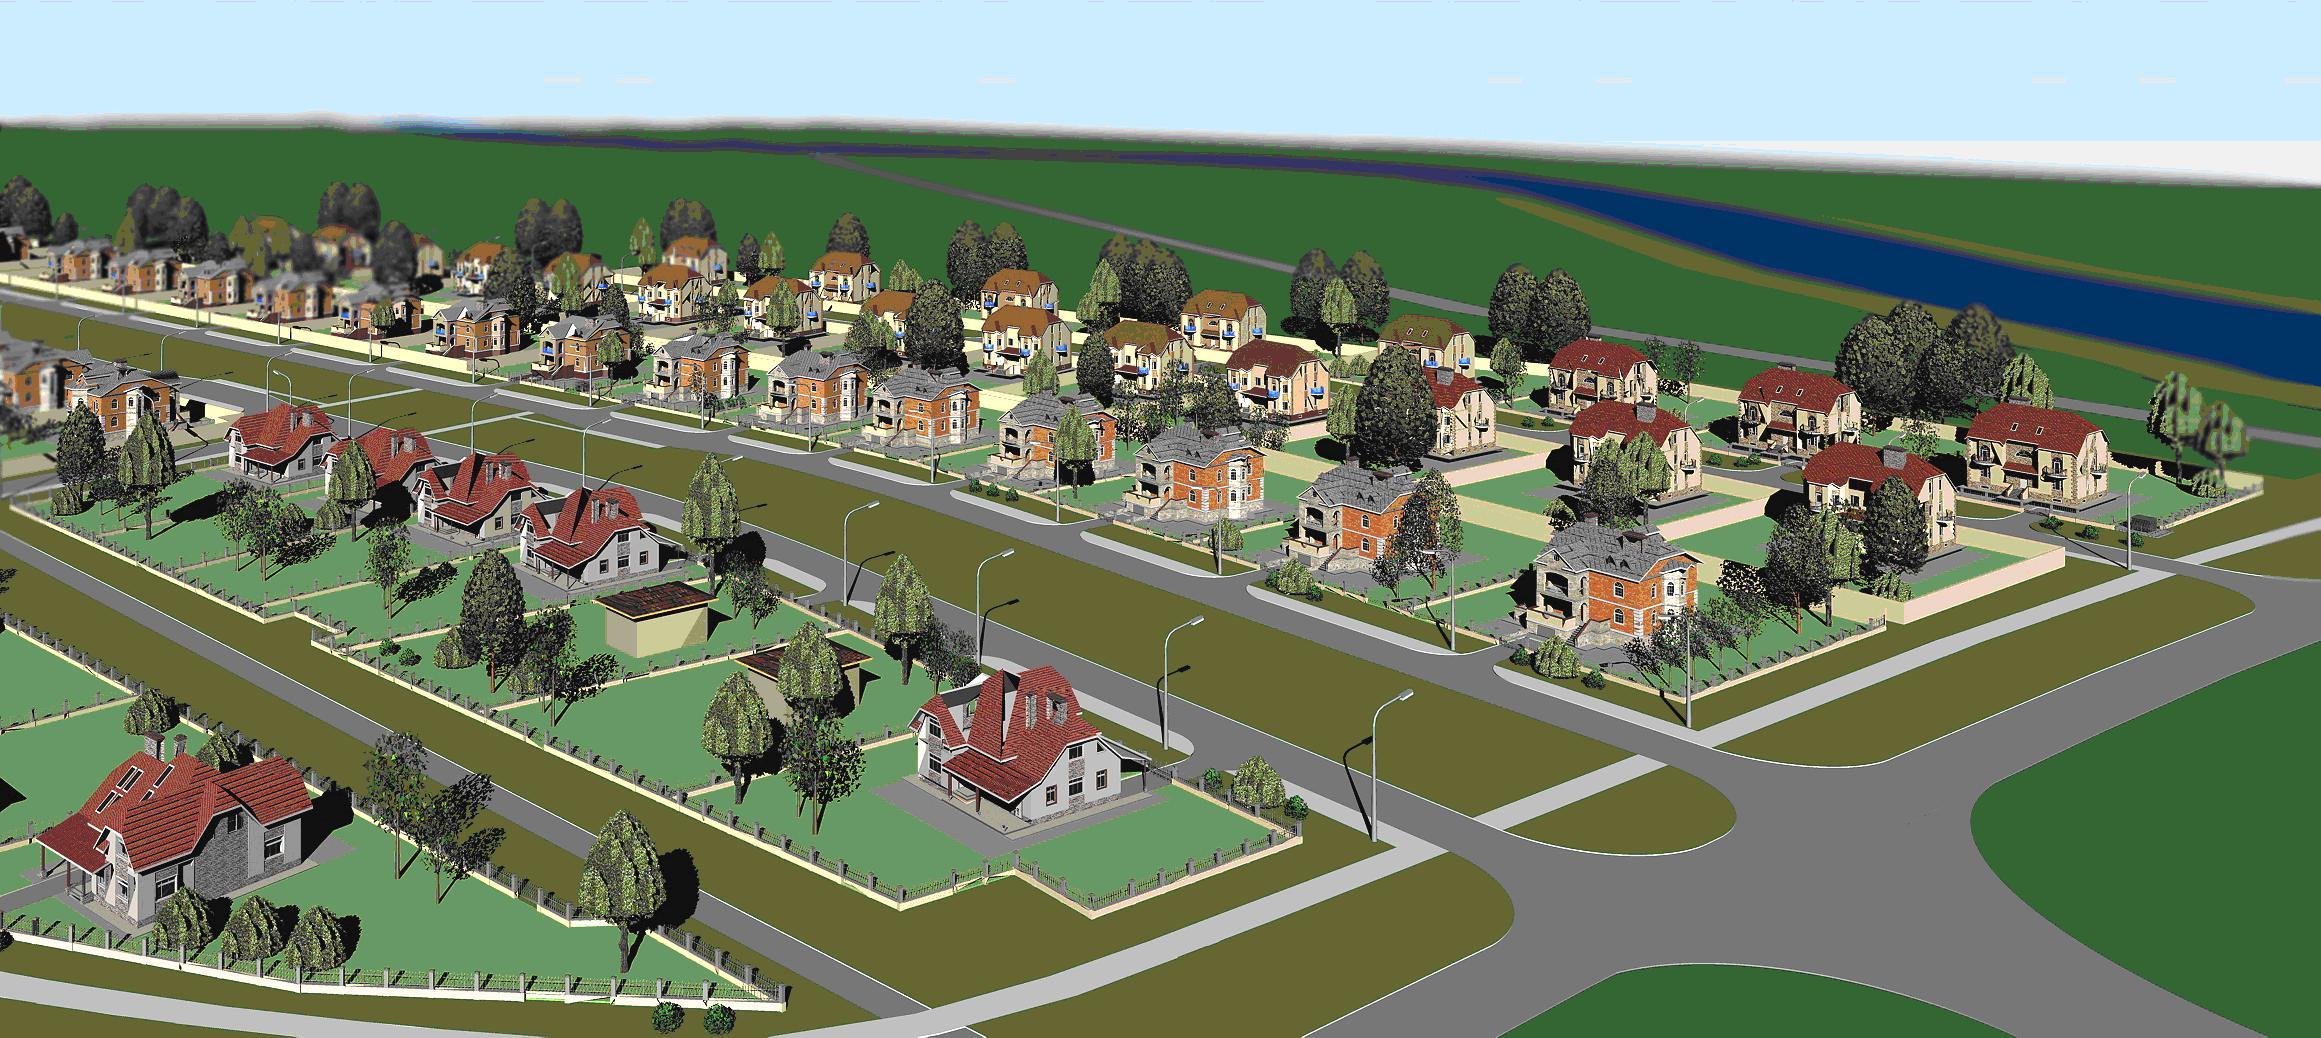 new concept 93dc1 01b37 Как уже сообщалось ранее район